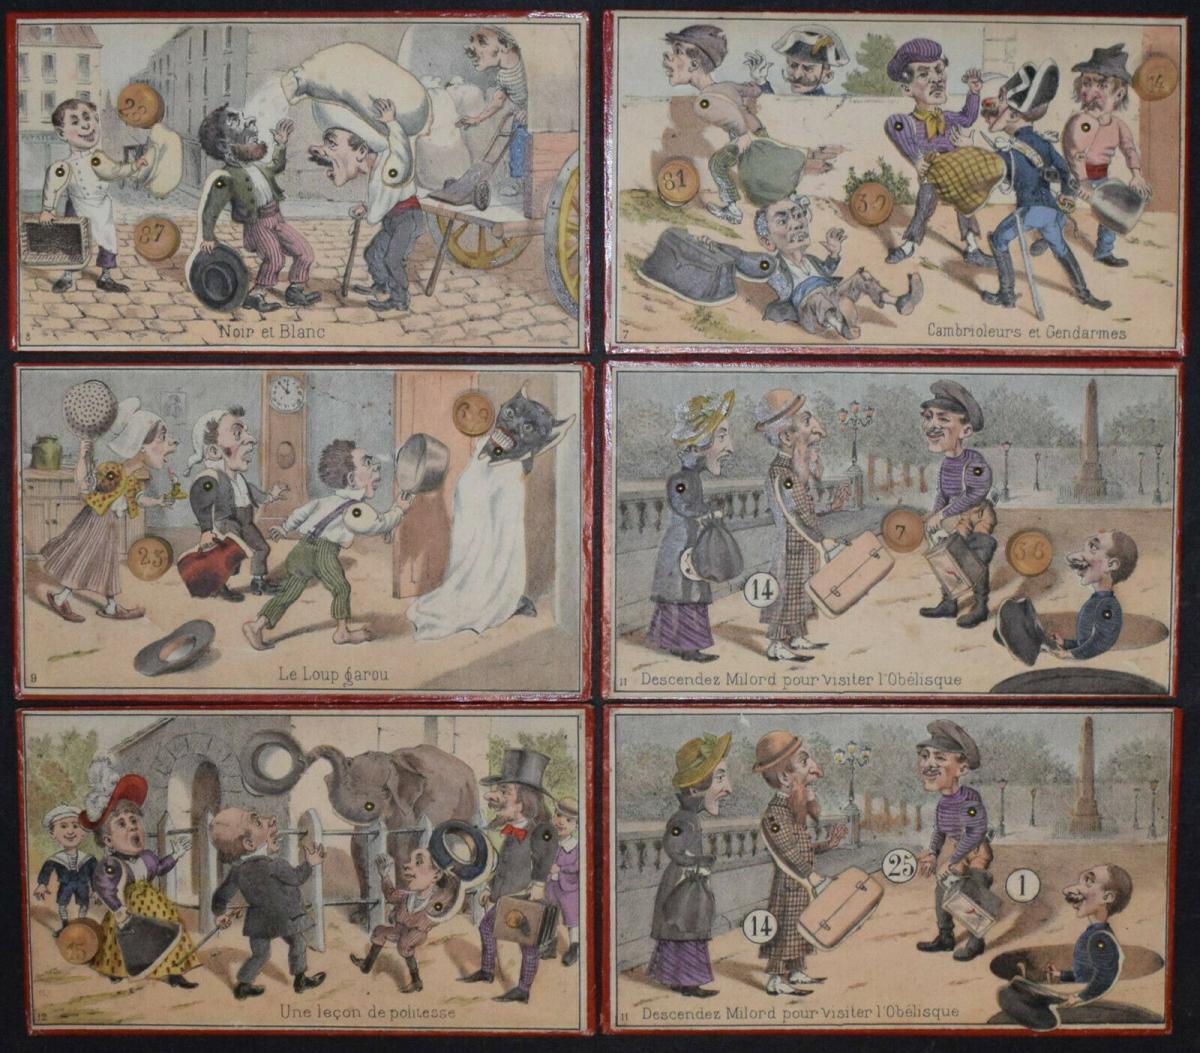 UNGEWÖHNLICH SCHÖNES UND ORIGINELLES LOTTO-SPIEL UM 1870 - LOTTO ANIMÉ 3